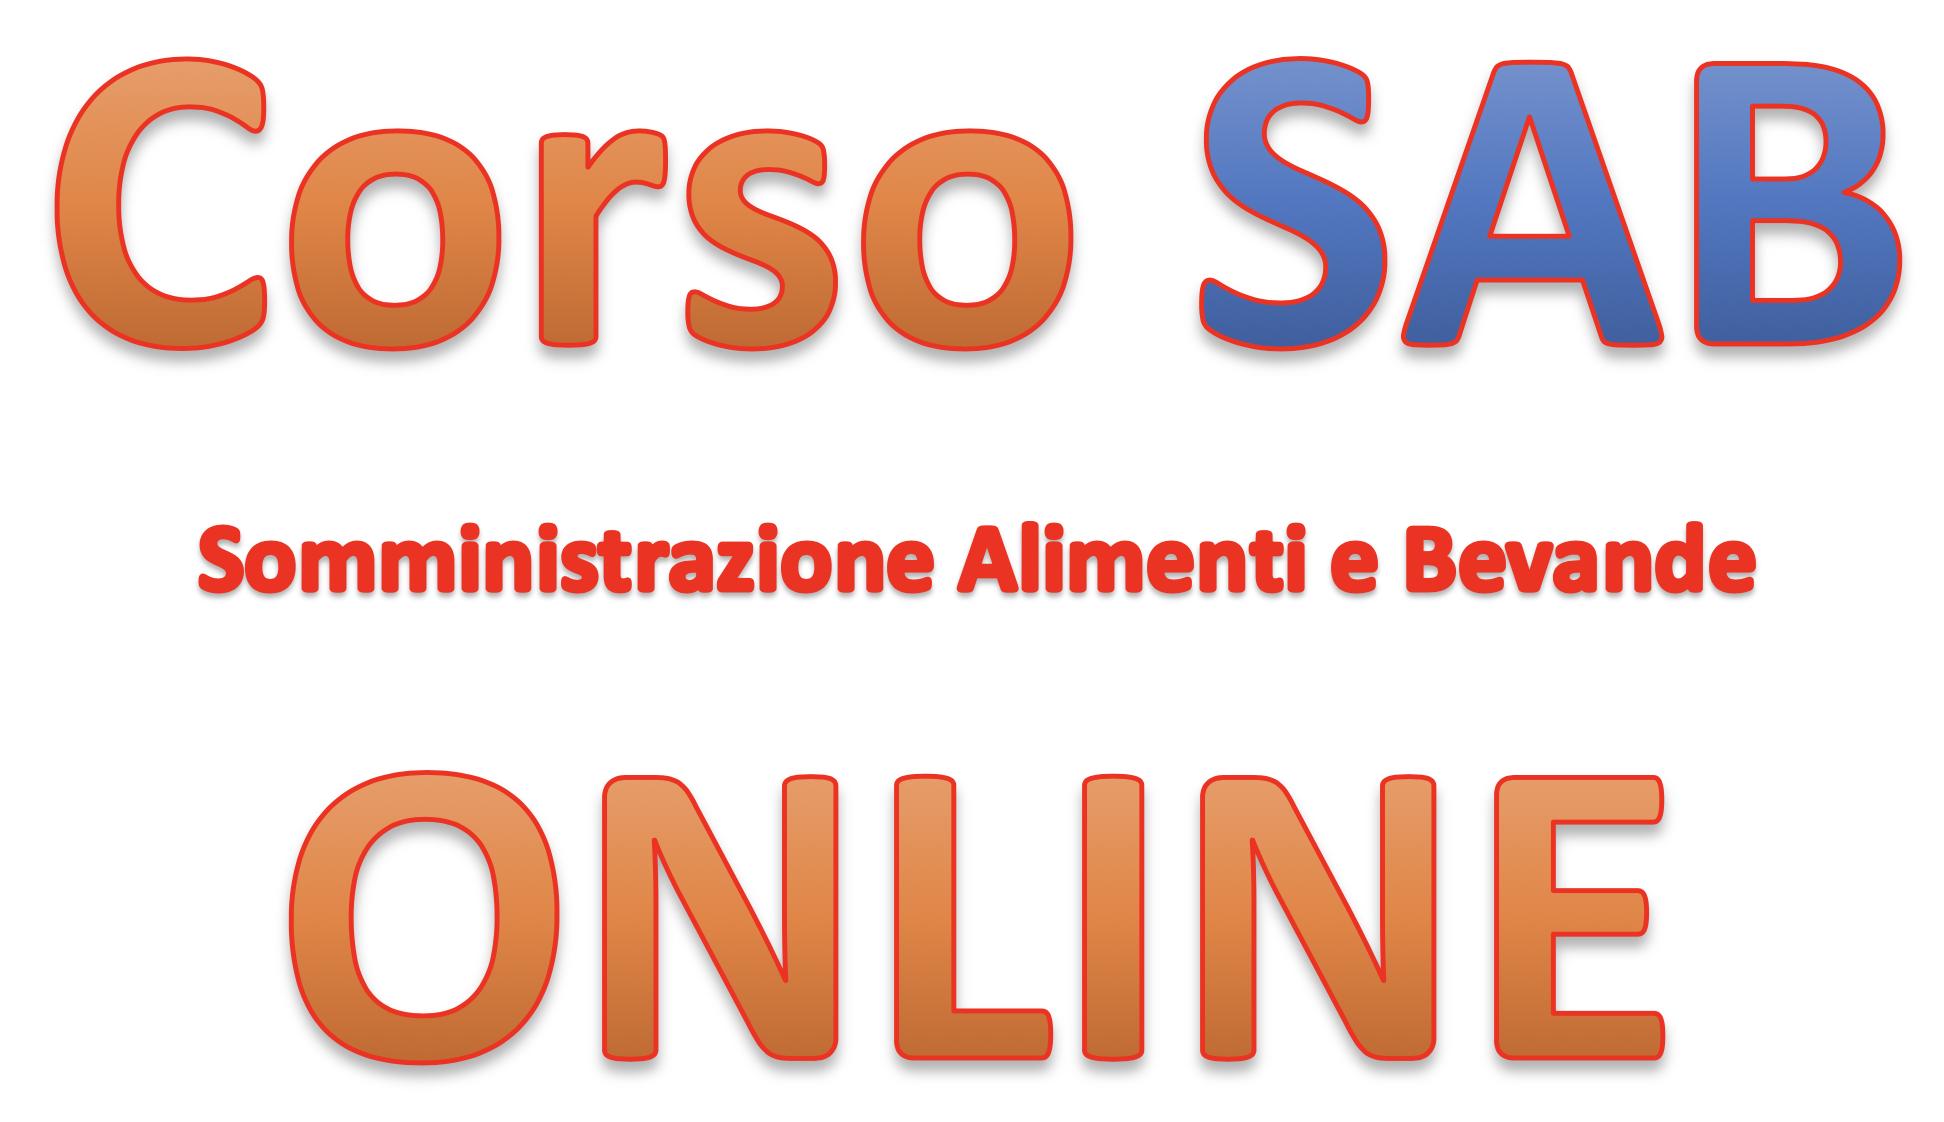 Corso SAB online - Somministrazione Alimenti e Bevande